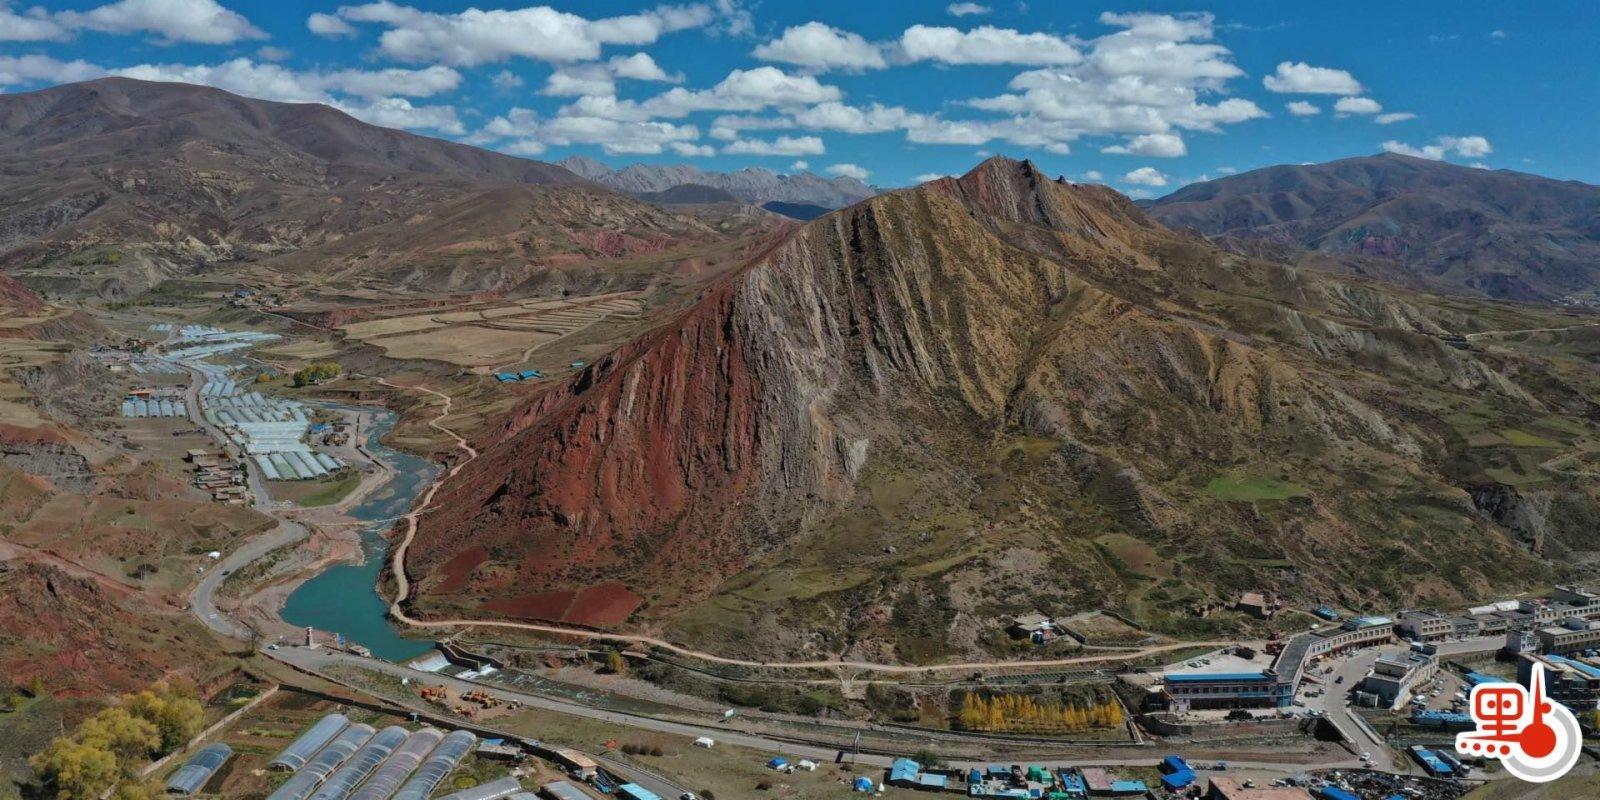 21世紀西行漫記西藏篇(14)—— 第七次出藏